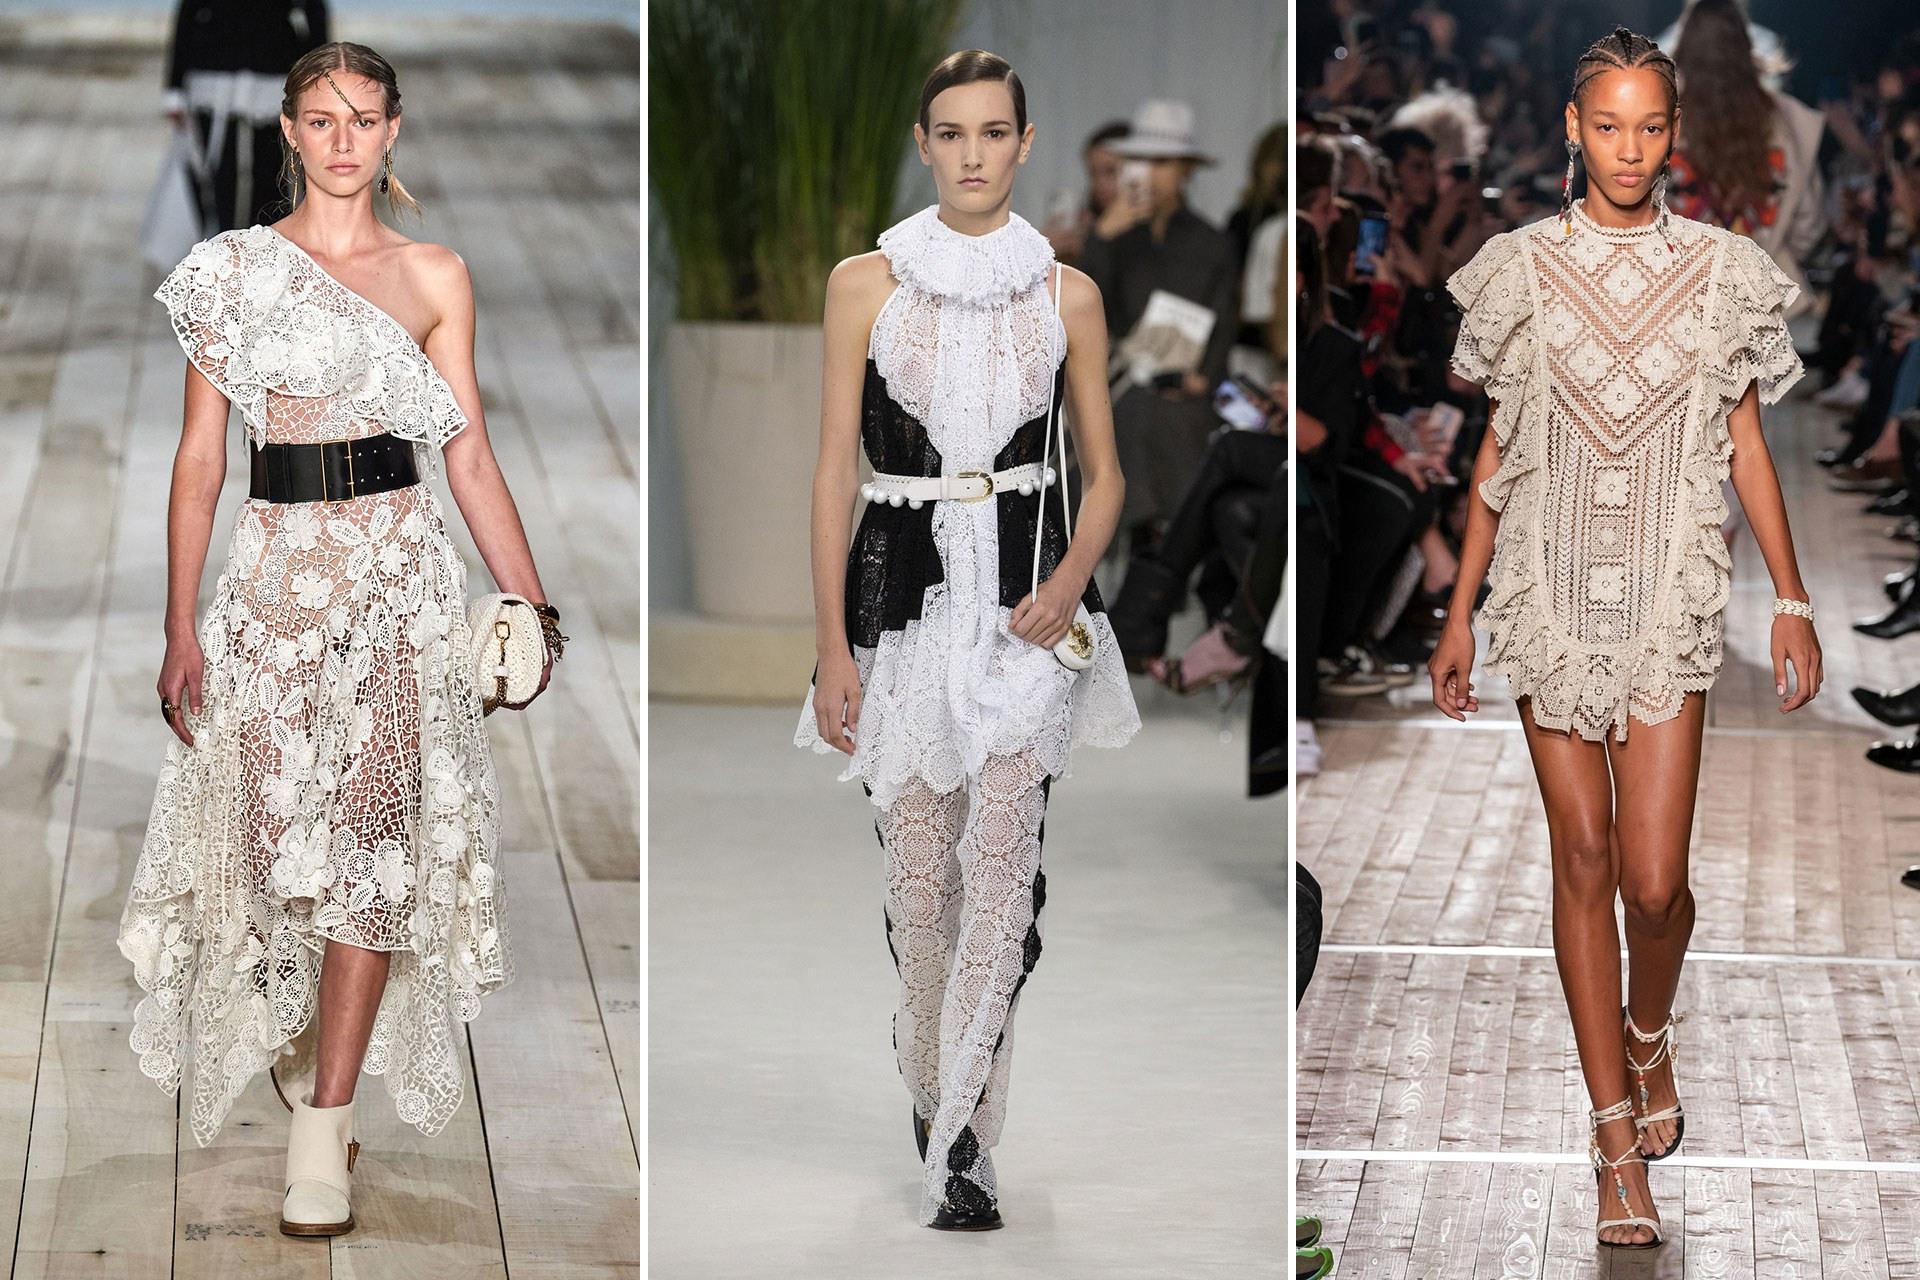 Designer Einzigartig Abendkleider Trend 2019 Vertrieb10 Coolste Abendkleider Trend 2019 Vertrieb